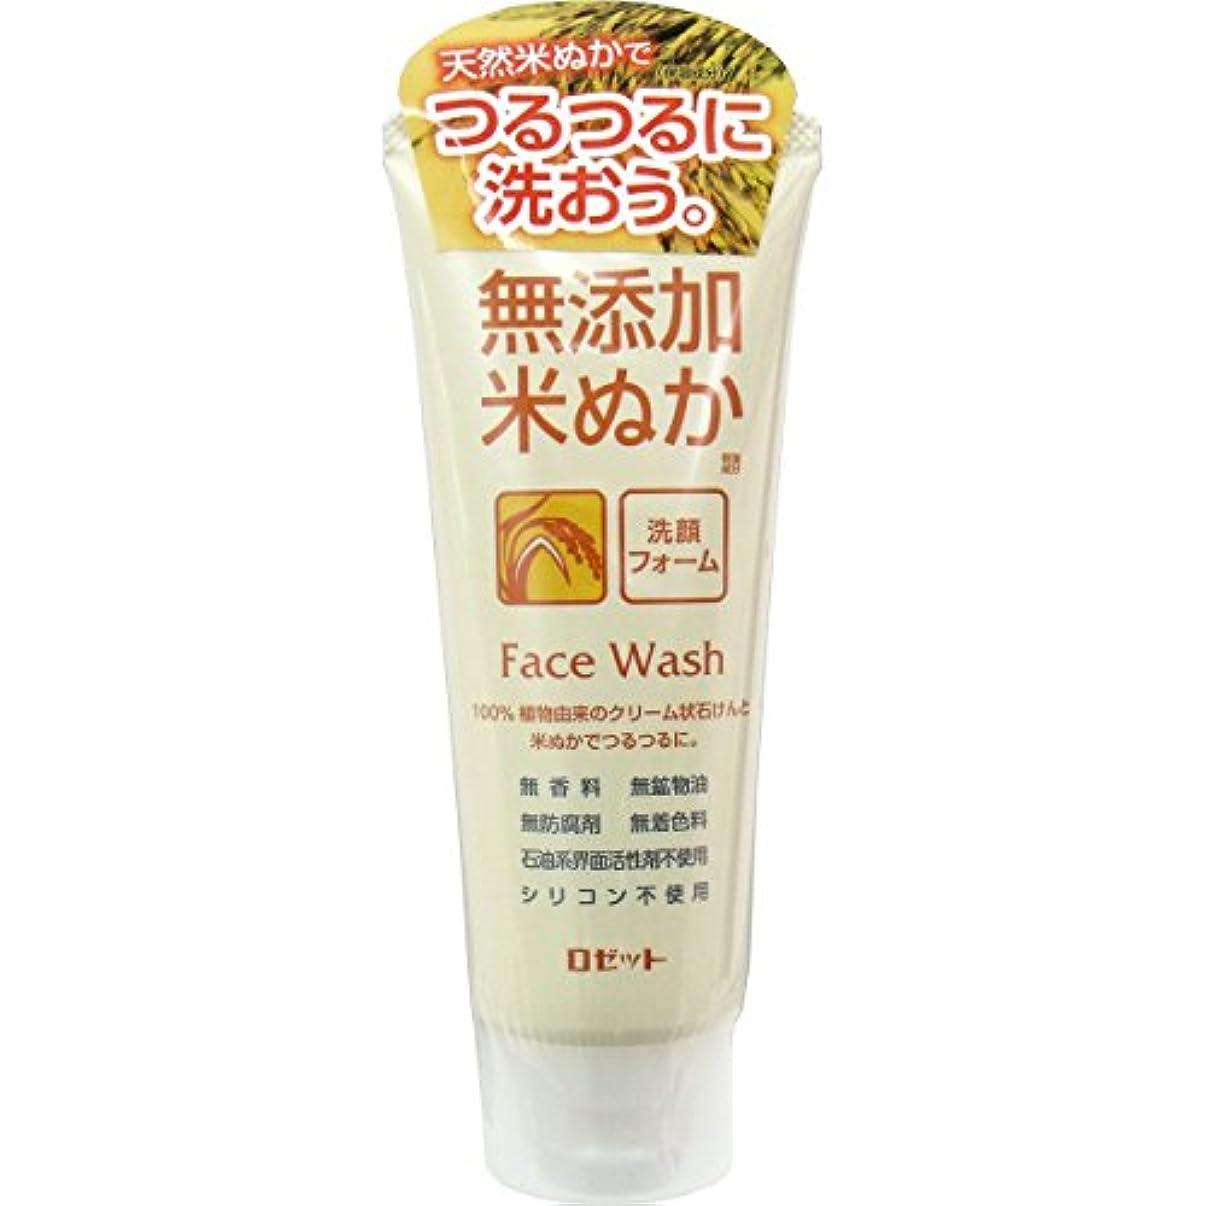 グラフィックアンプ恥【ロゼット】無添加米ぬか洗顔フォーム 140g ×5個セット